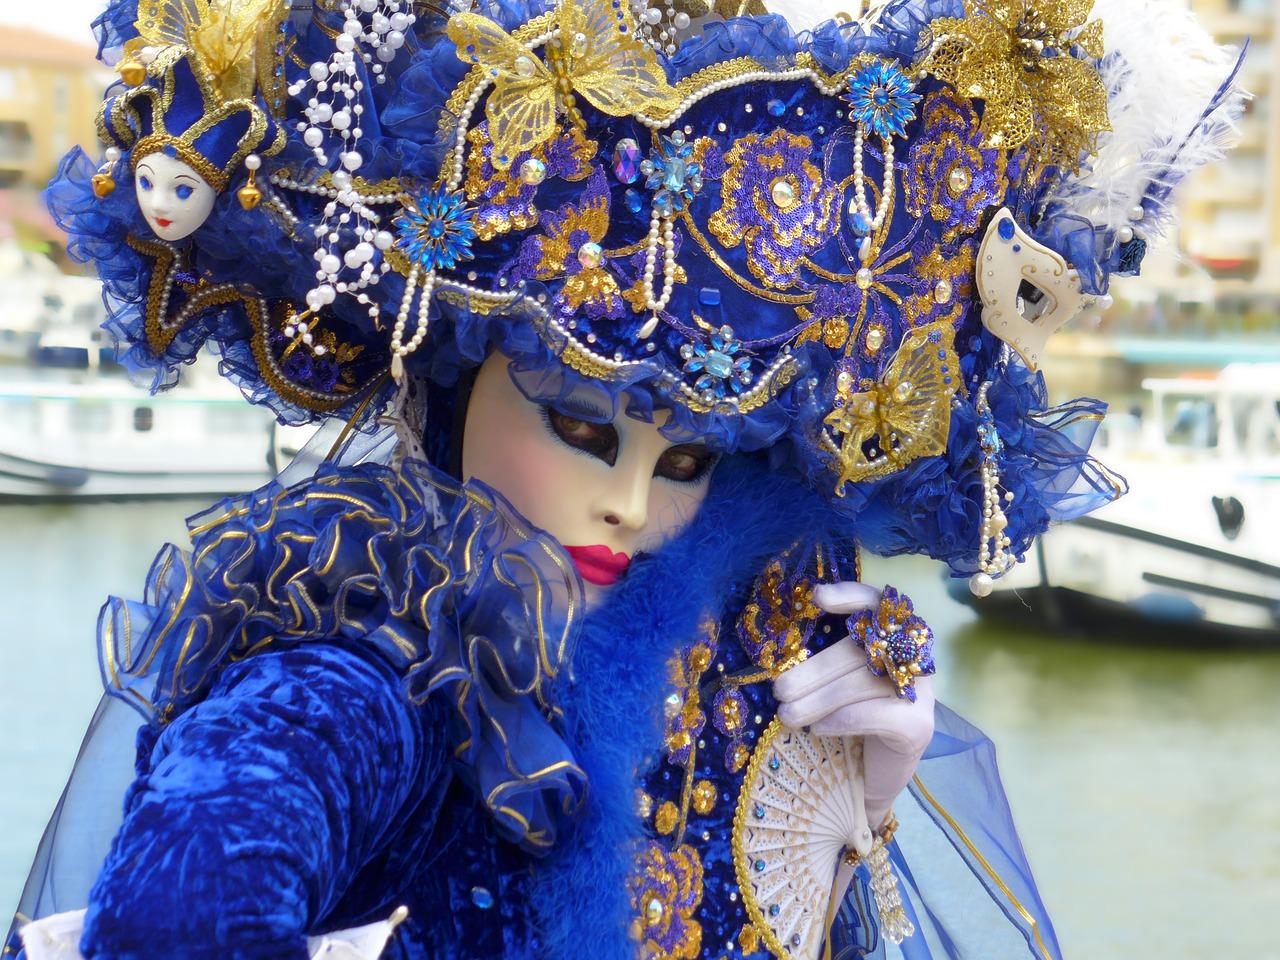 carnevale venezia 2020